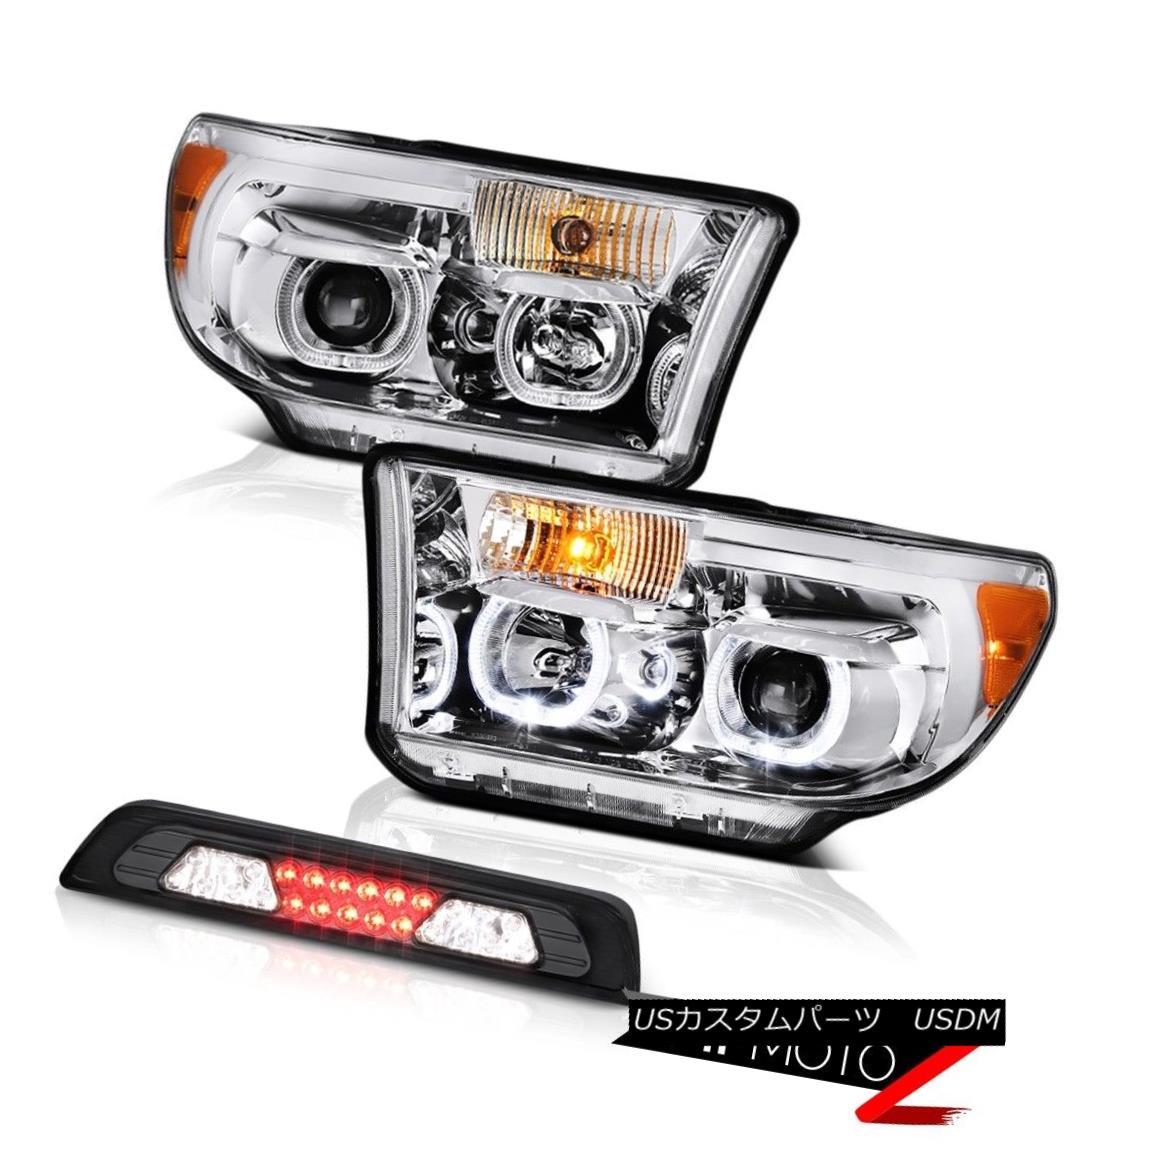 ヘッドライト 2007-2013 Toyota Tundra Limited Headlights Smokey Roof Cab Light LED Dual Halo 2007-2013 Toyota Tundra LimitedヘッドライトスモーキールーフキャブライトLEDデュアルヘイロー